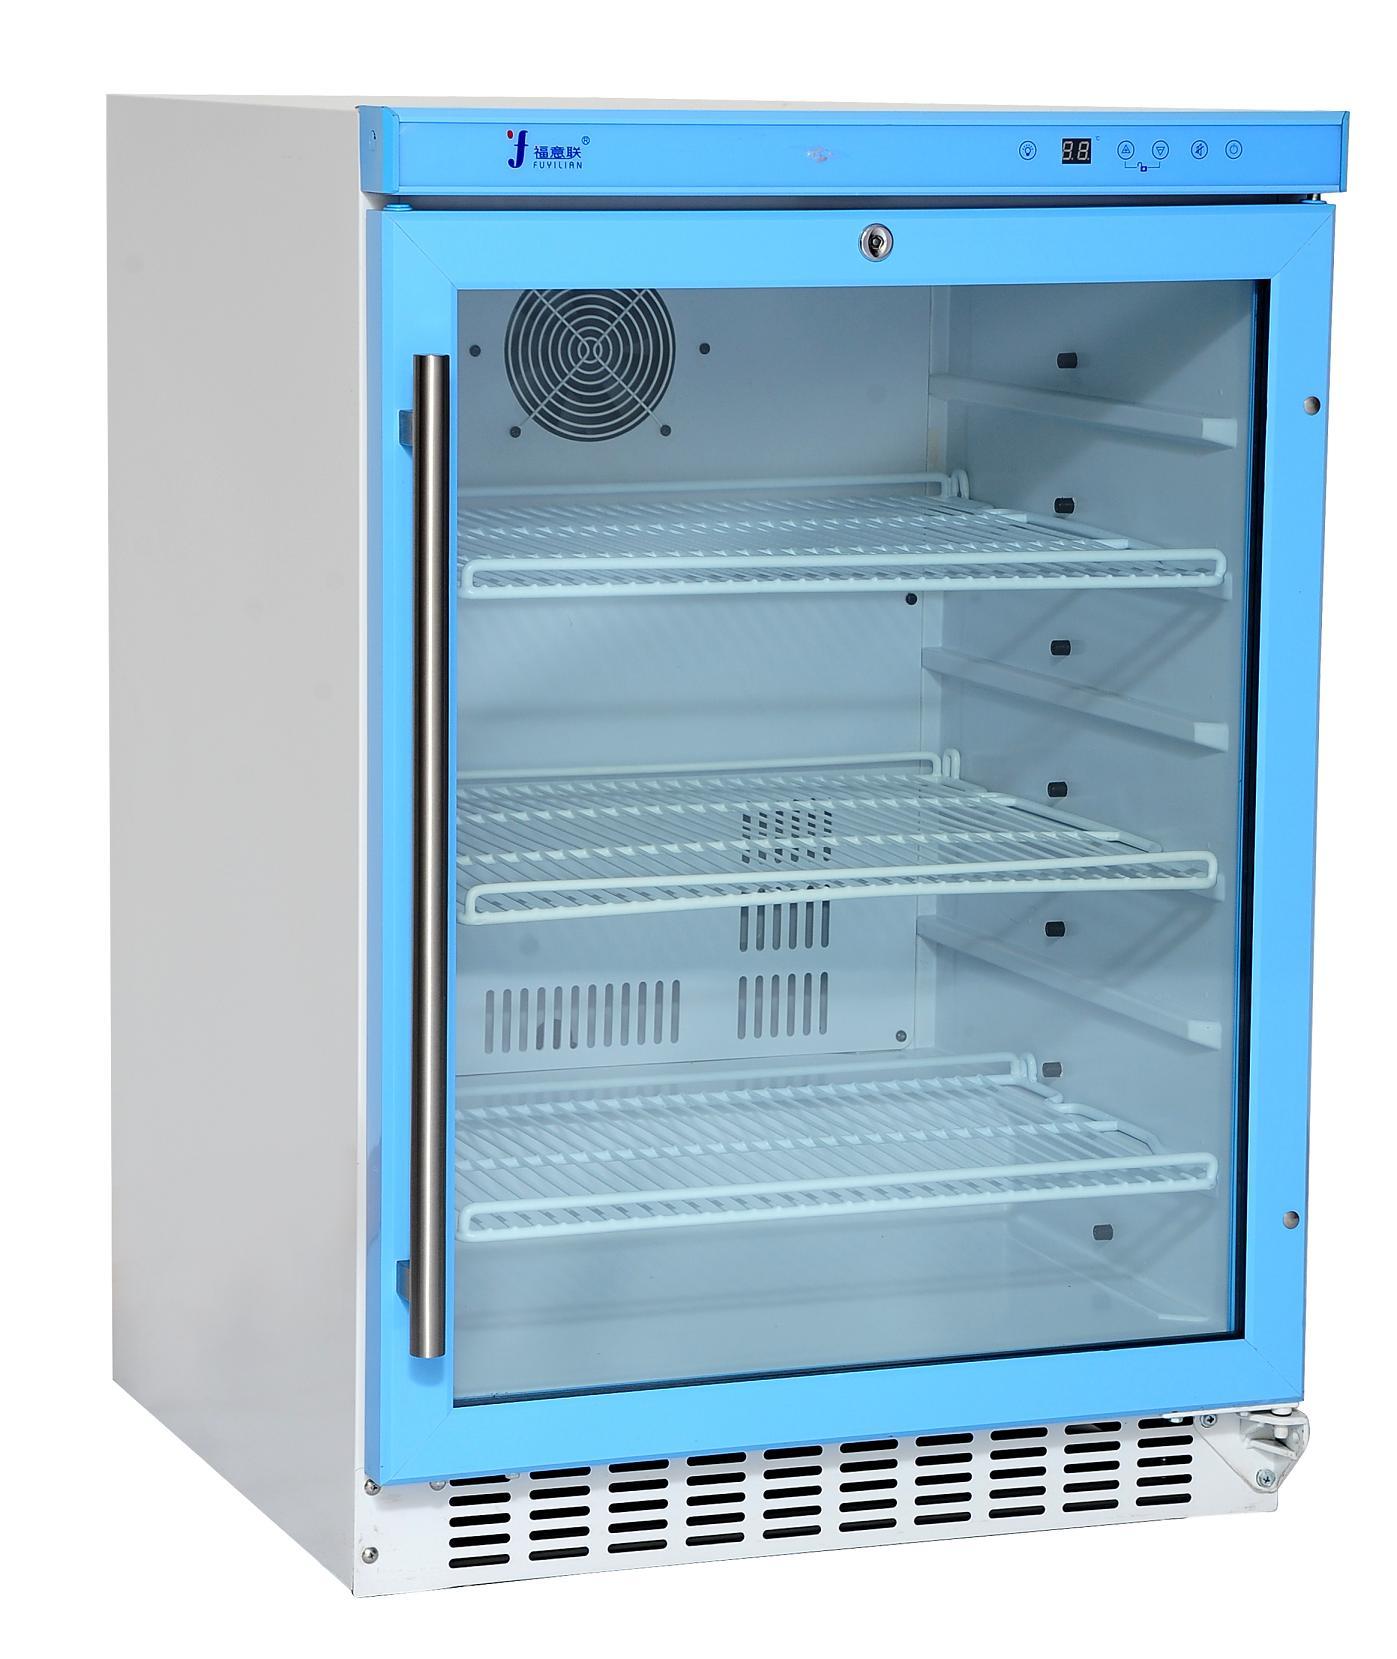 冰柜内部电路板图